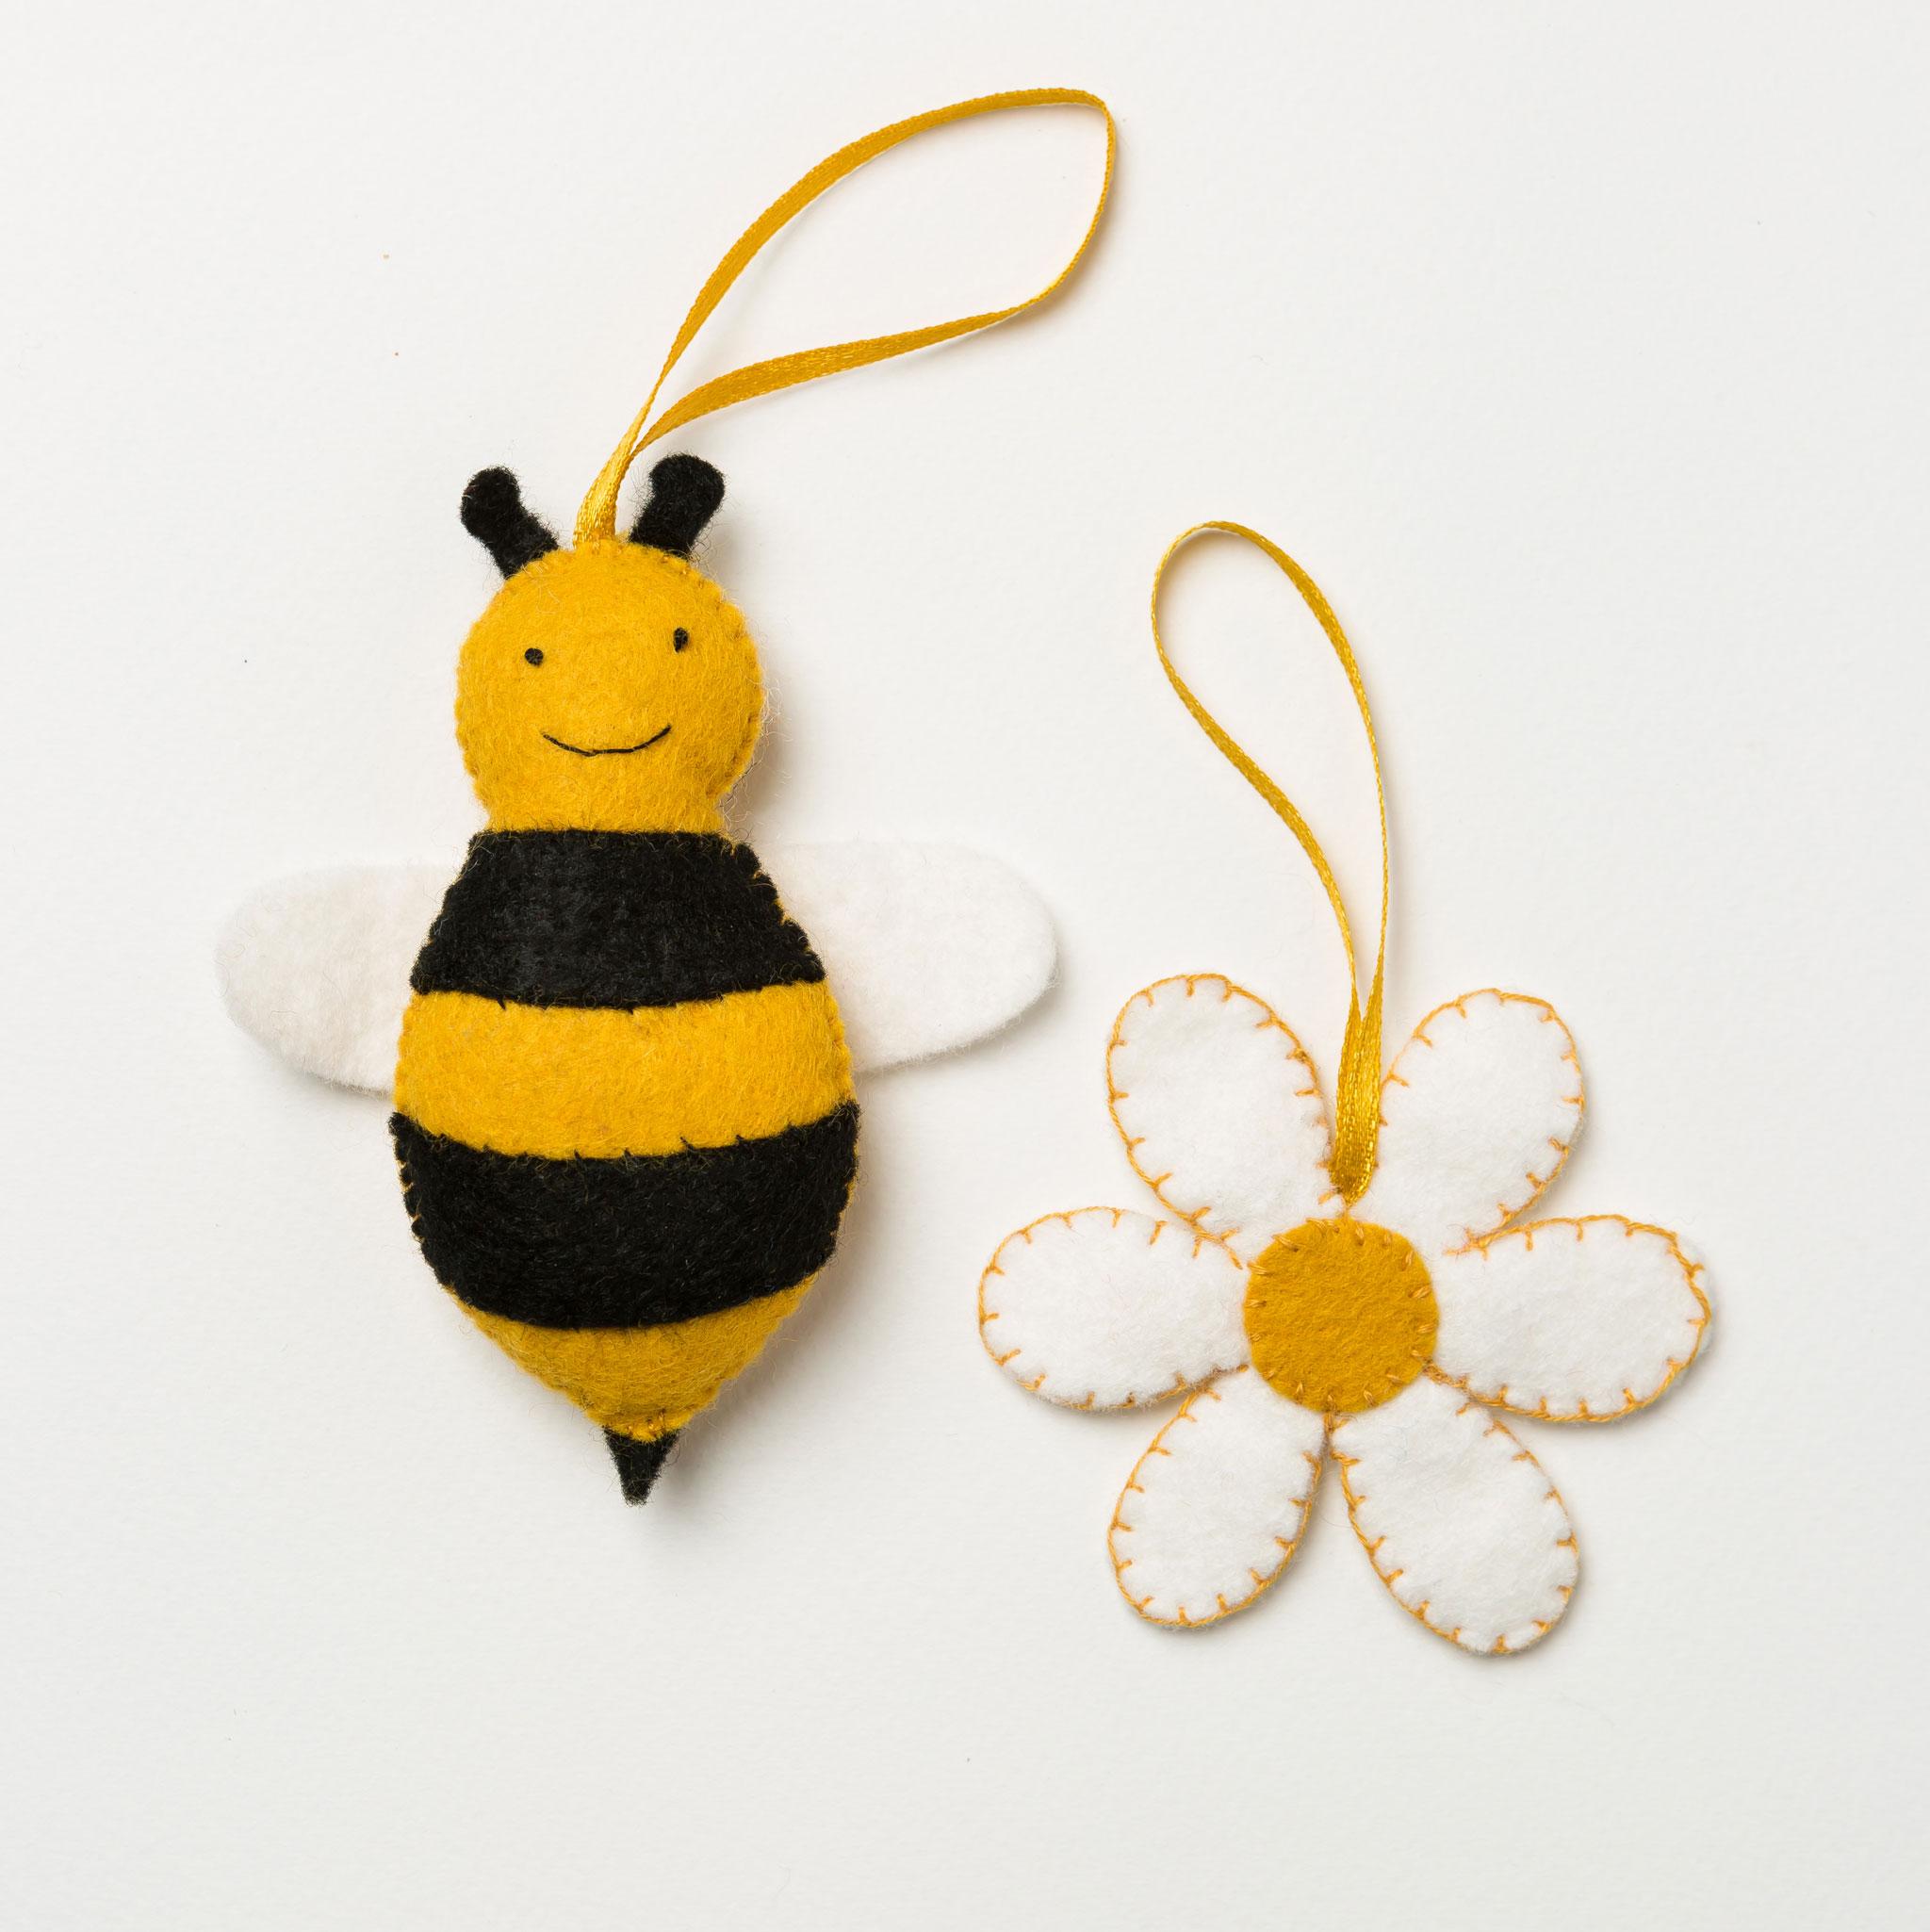 Bee and Flower Felt Craft Mini Kit